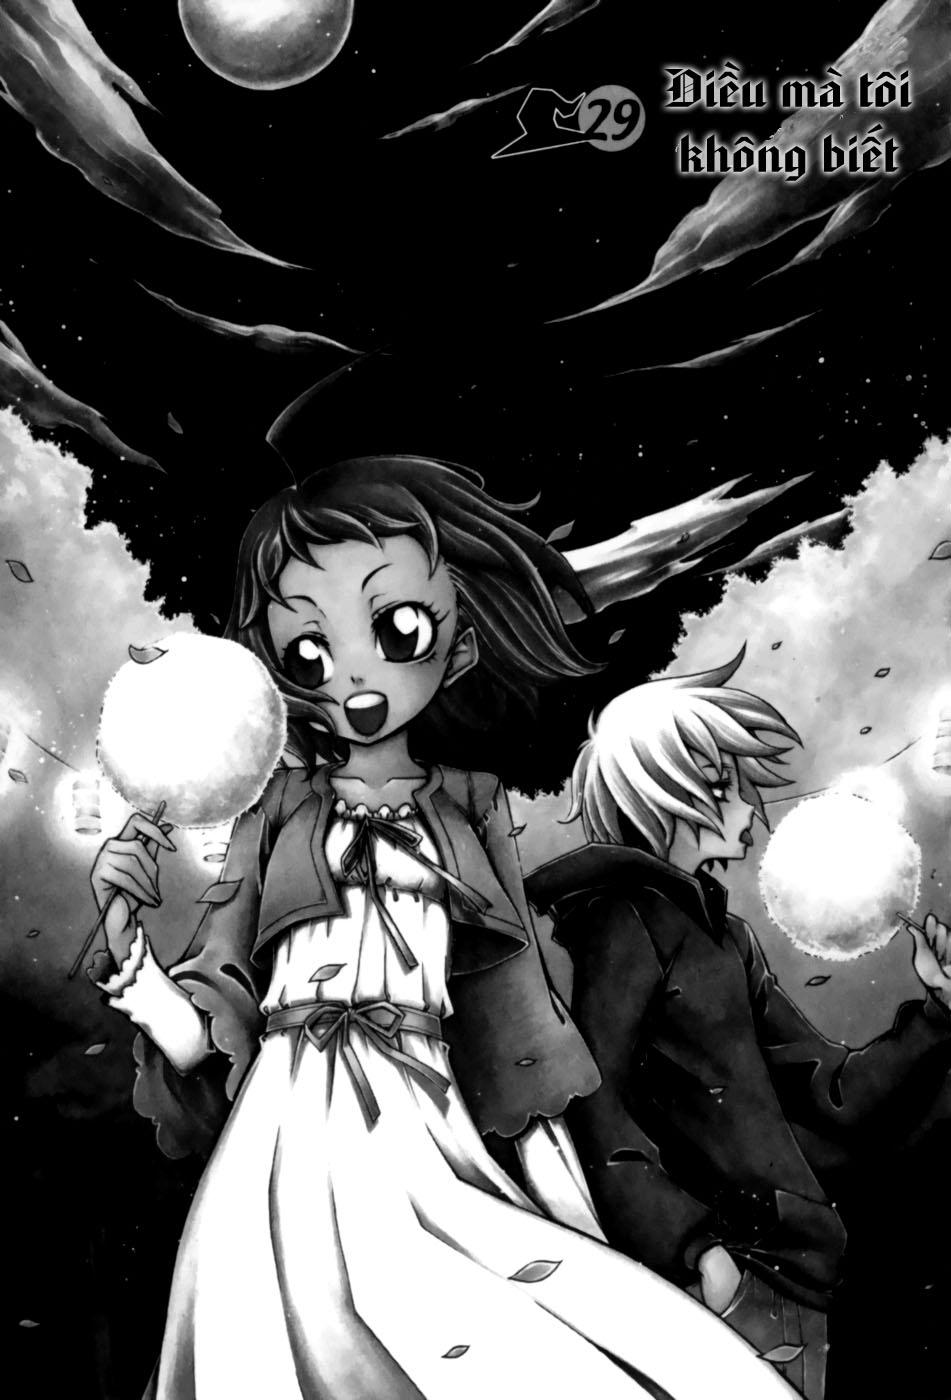 Witch Hunter – Thợ Săn Phù Thủy chap 29 Trang 4 - Mangak.info